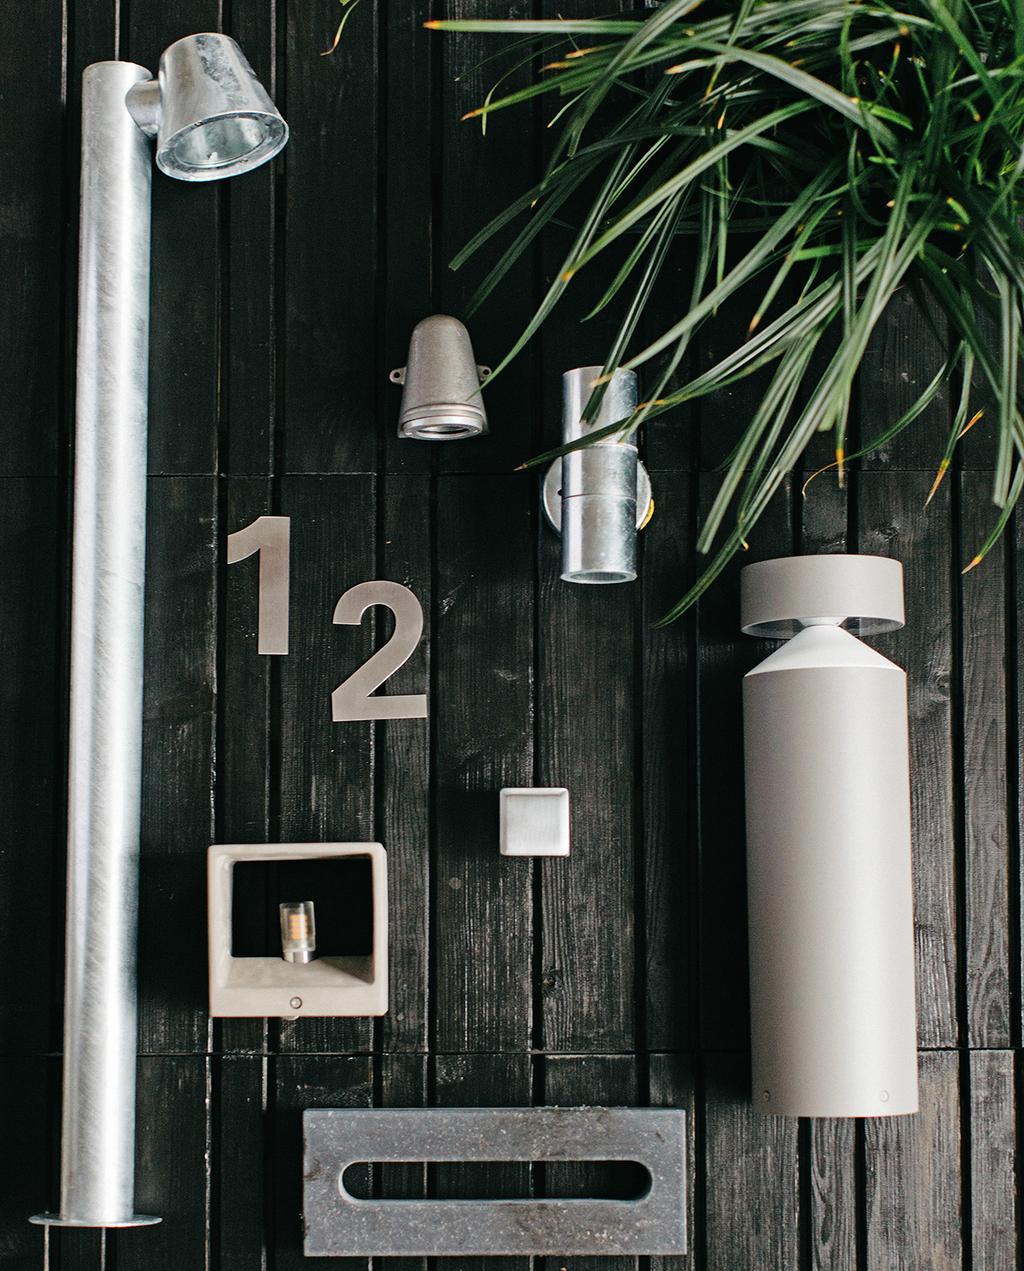 vtwonen tuin special 1 2020 | buitenverlichting en voordeur accessoires zilverkleurig